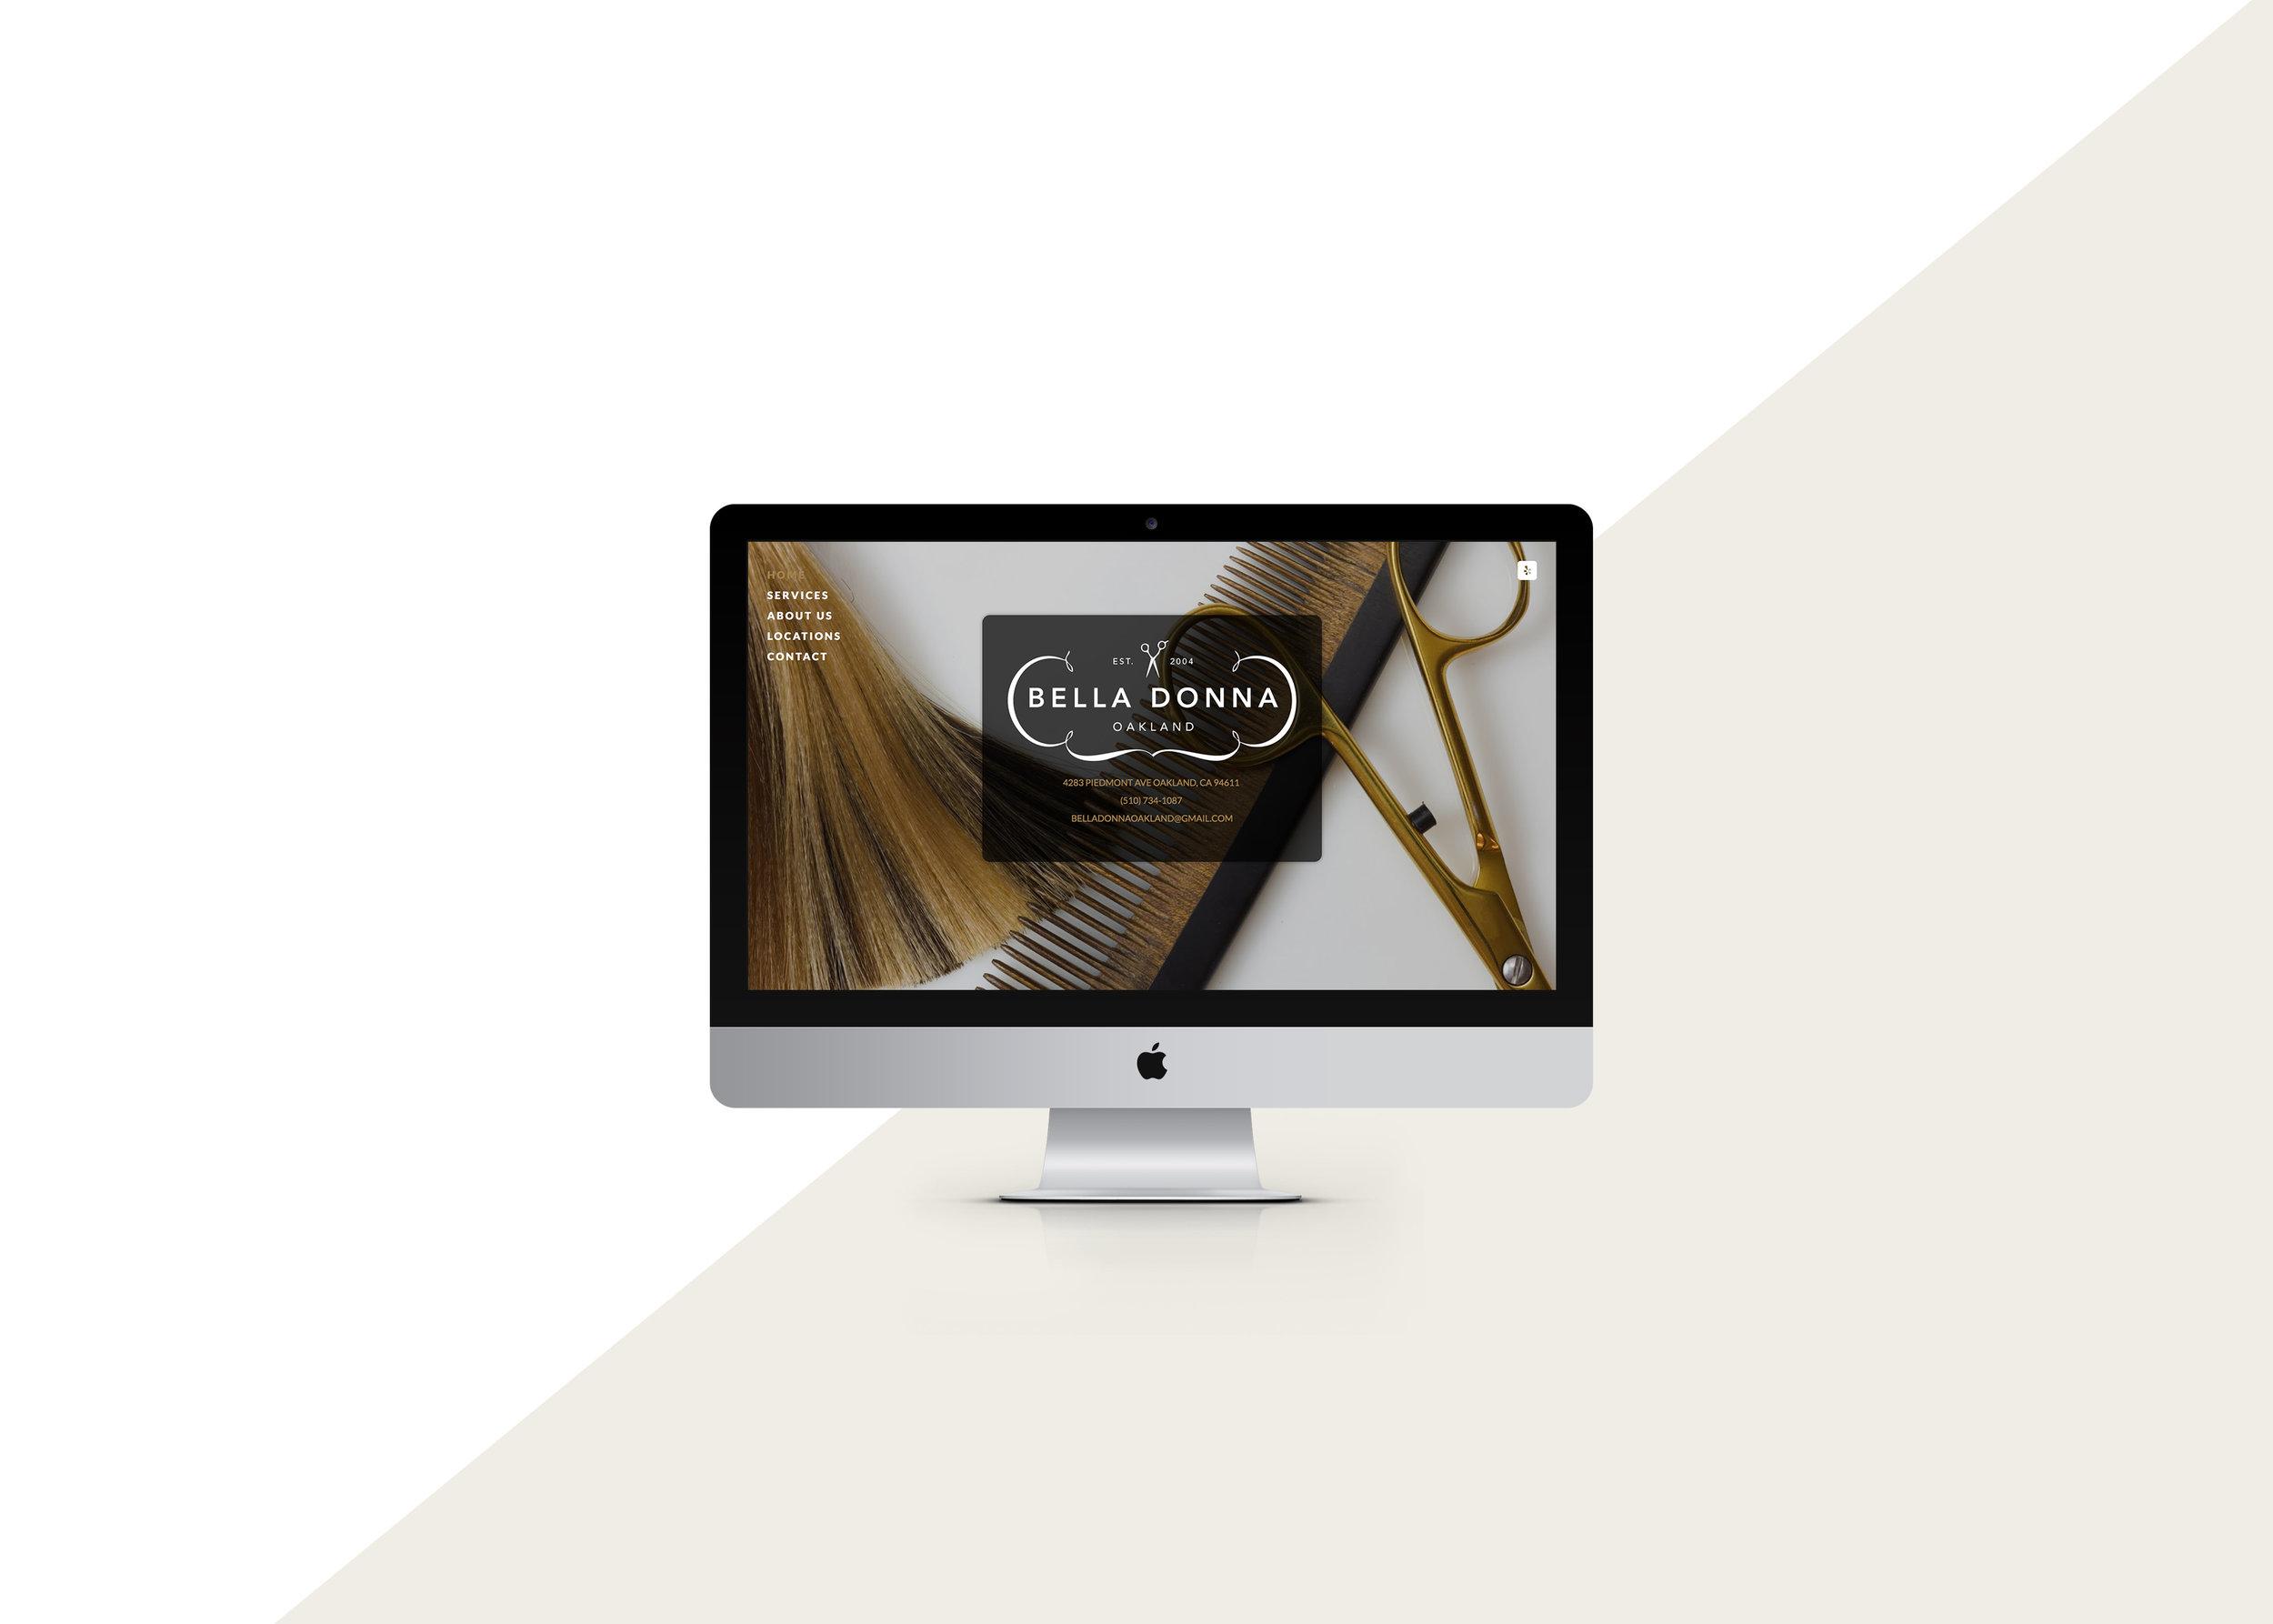 melody-shirazi-bella-donna-web-site.jpg